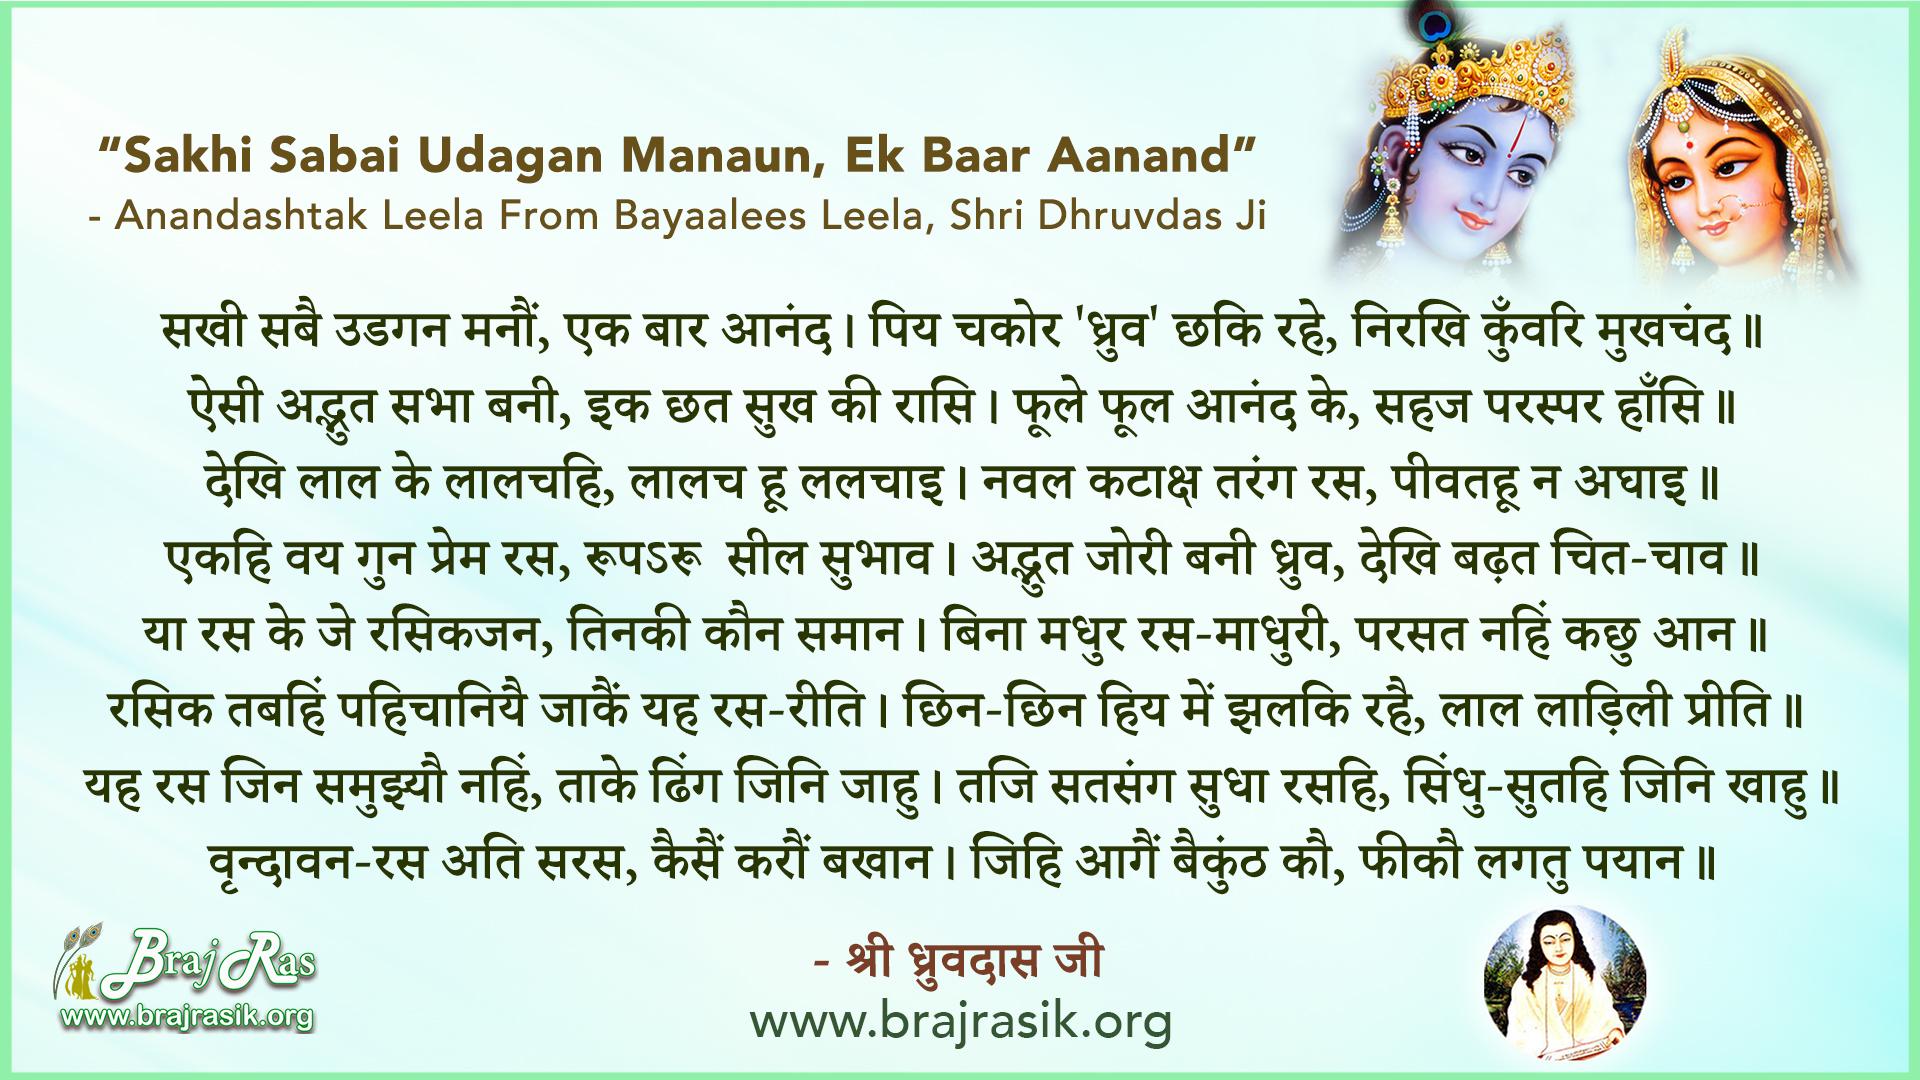 Sakhi Sabai Udagan Manaun - ShriDhruvdas Ji, Bayaalees Leela, Anandashtak Leela